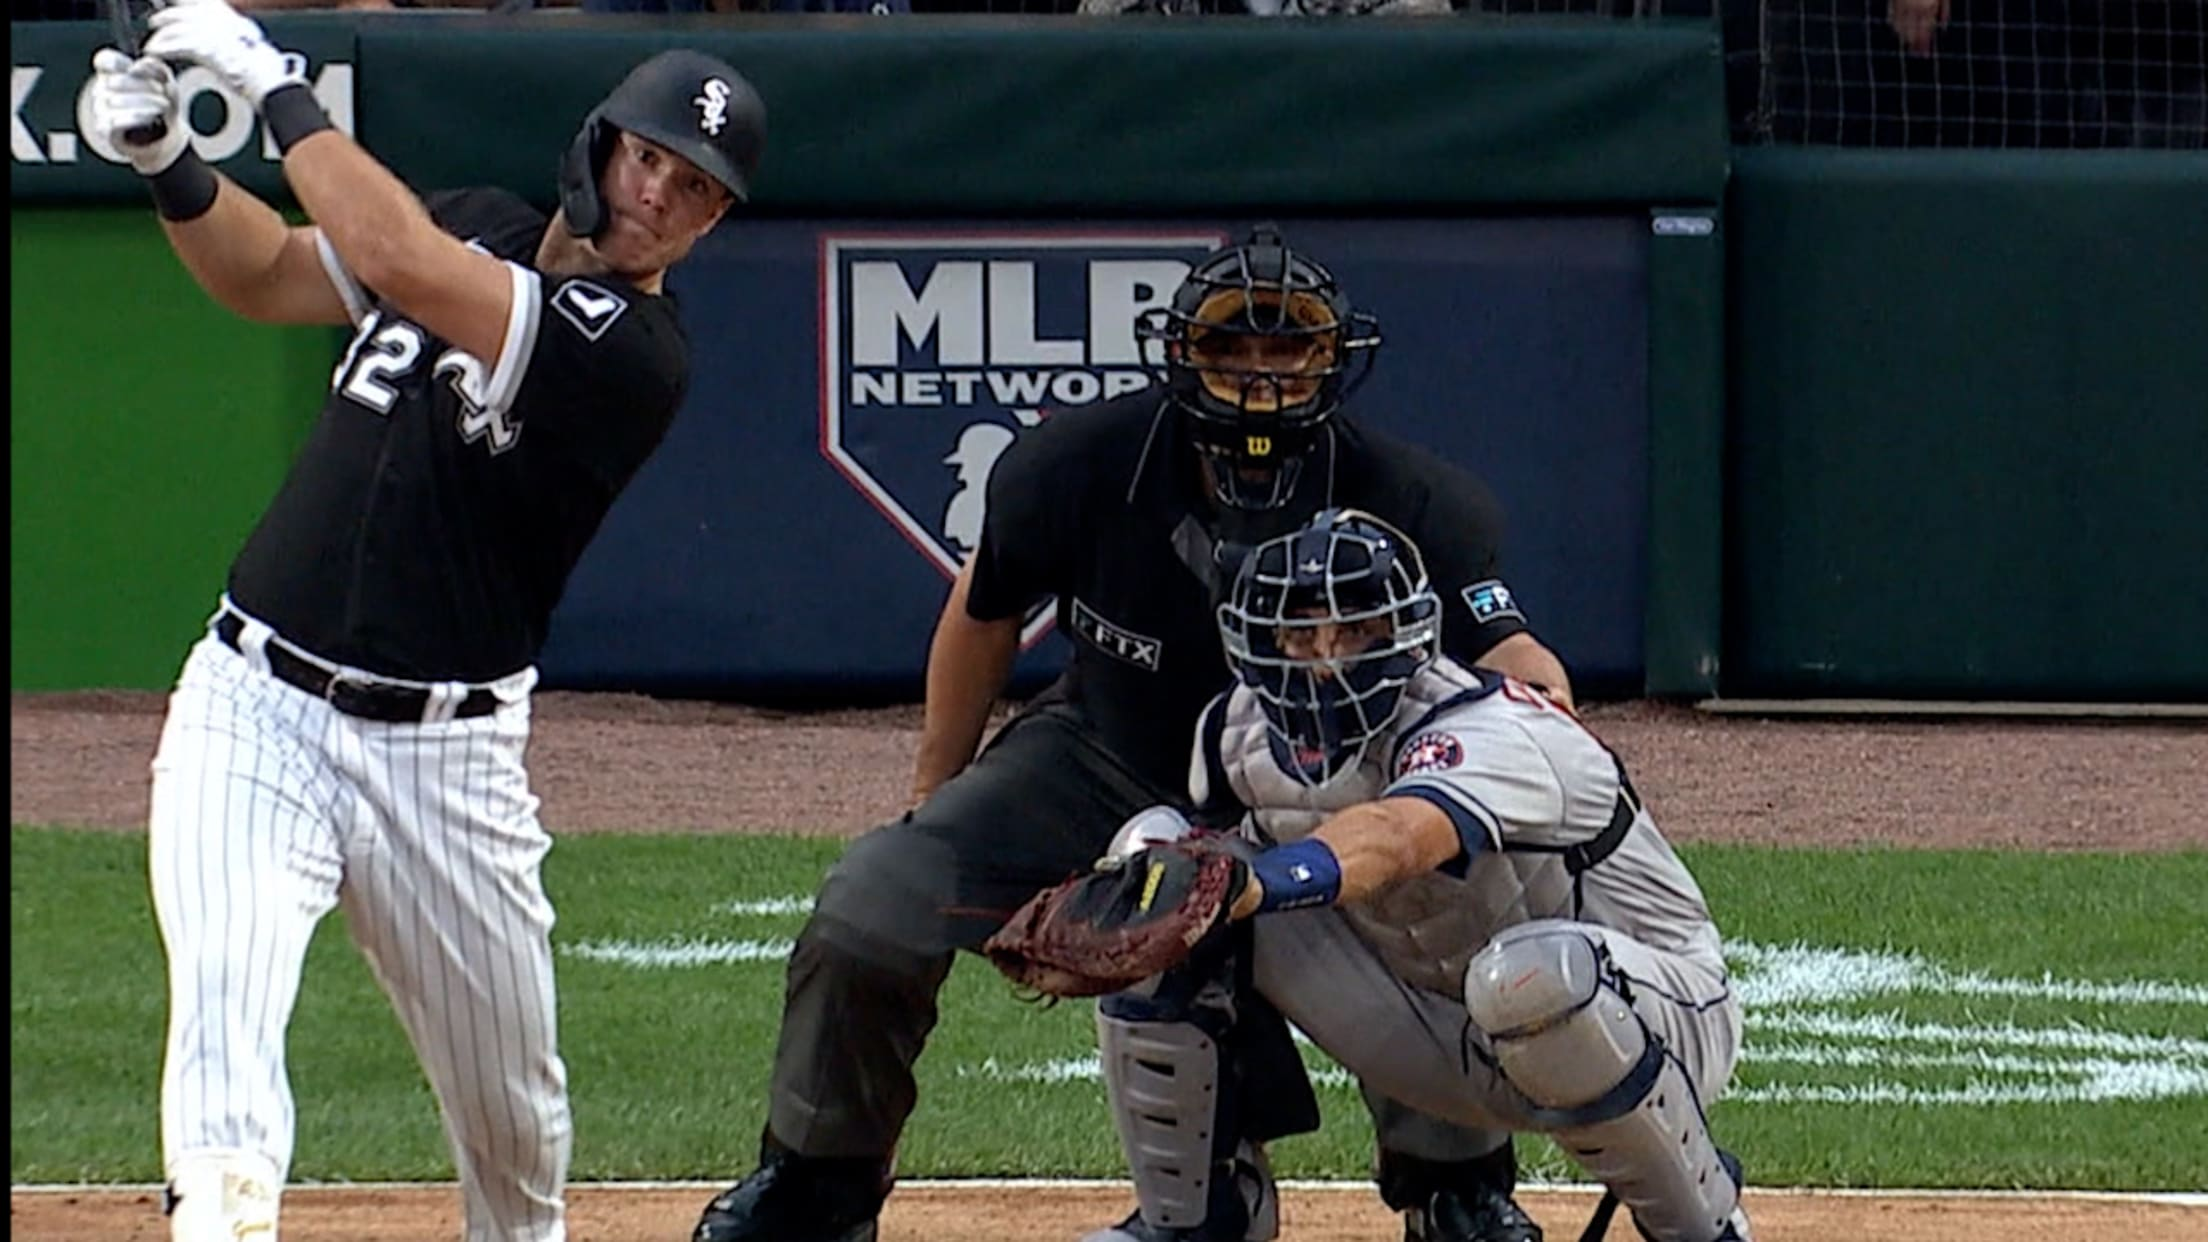 Gavin Sheets' two-run homer